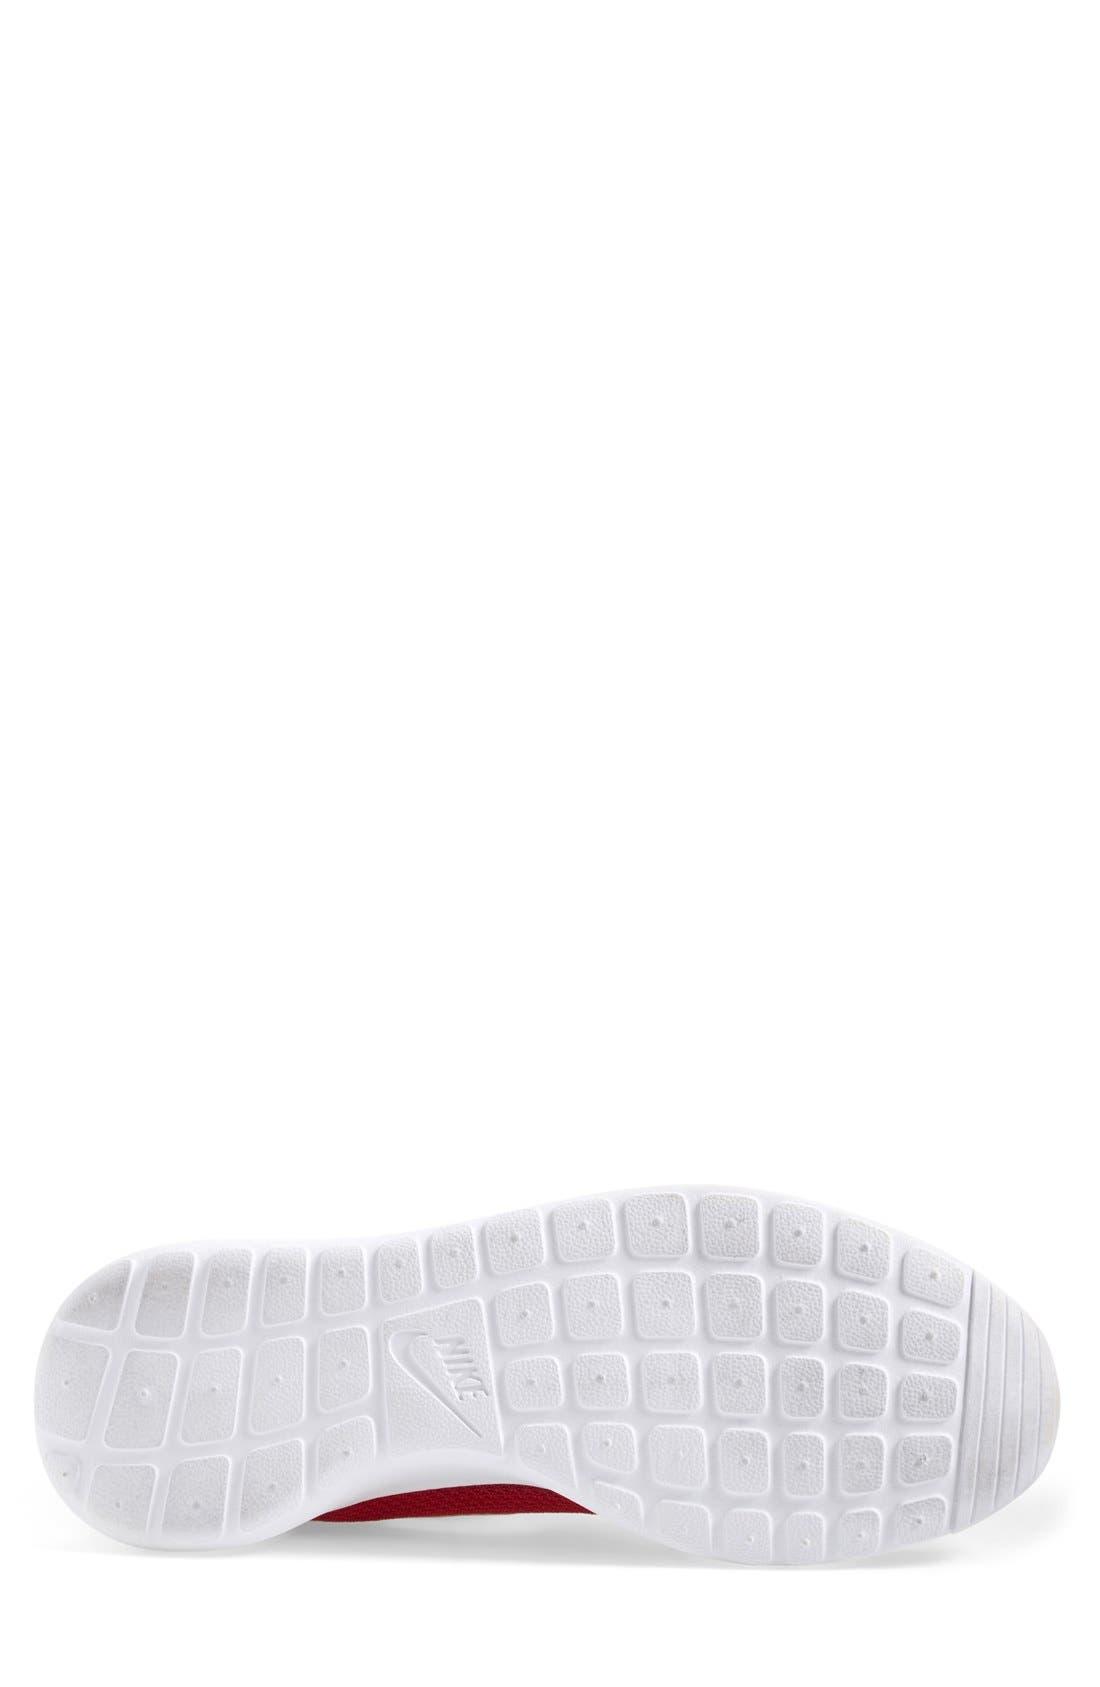 ,                             'Roshe Run' Sneaker,                             Alternate thumbnail 132, color,                             612